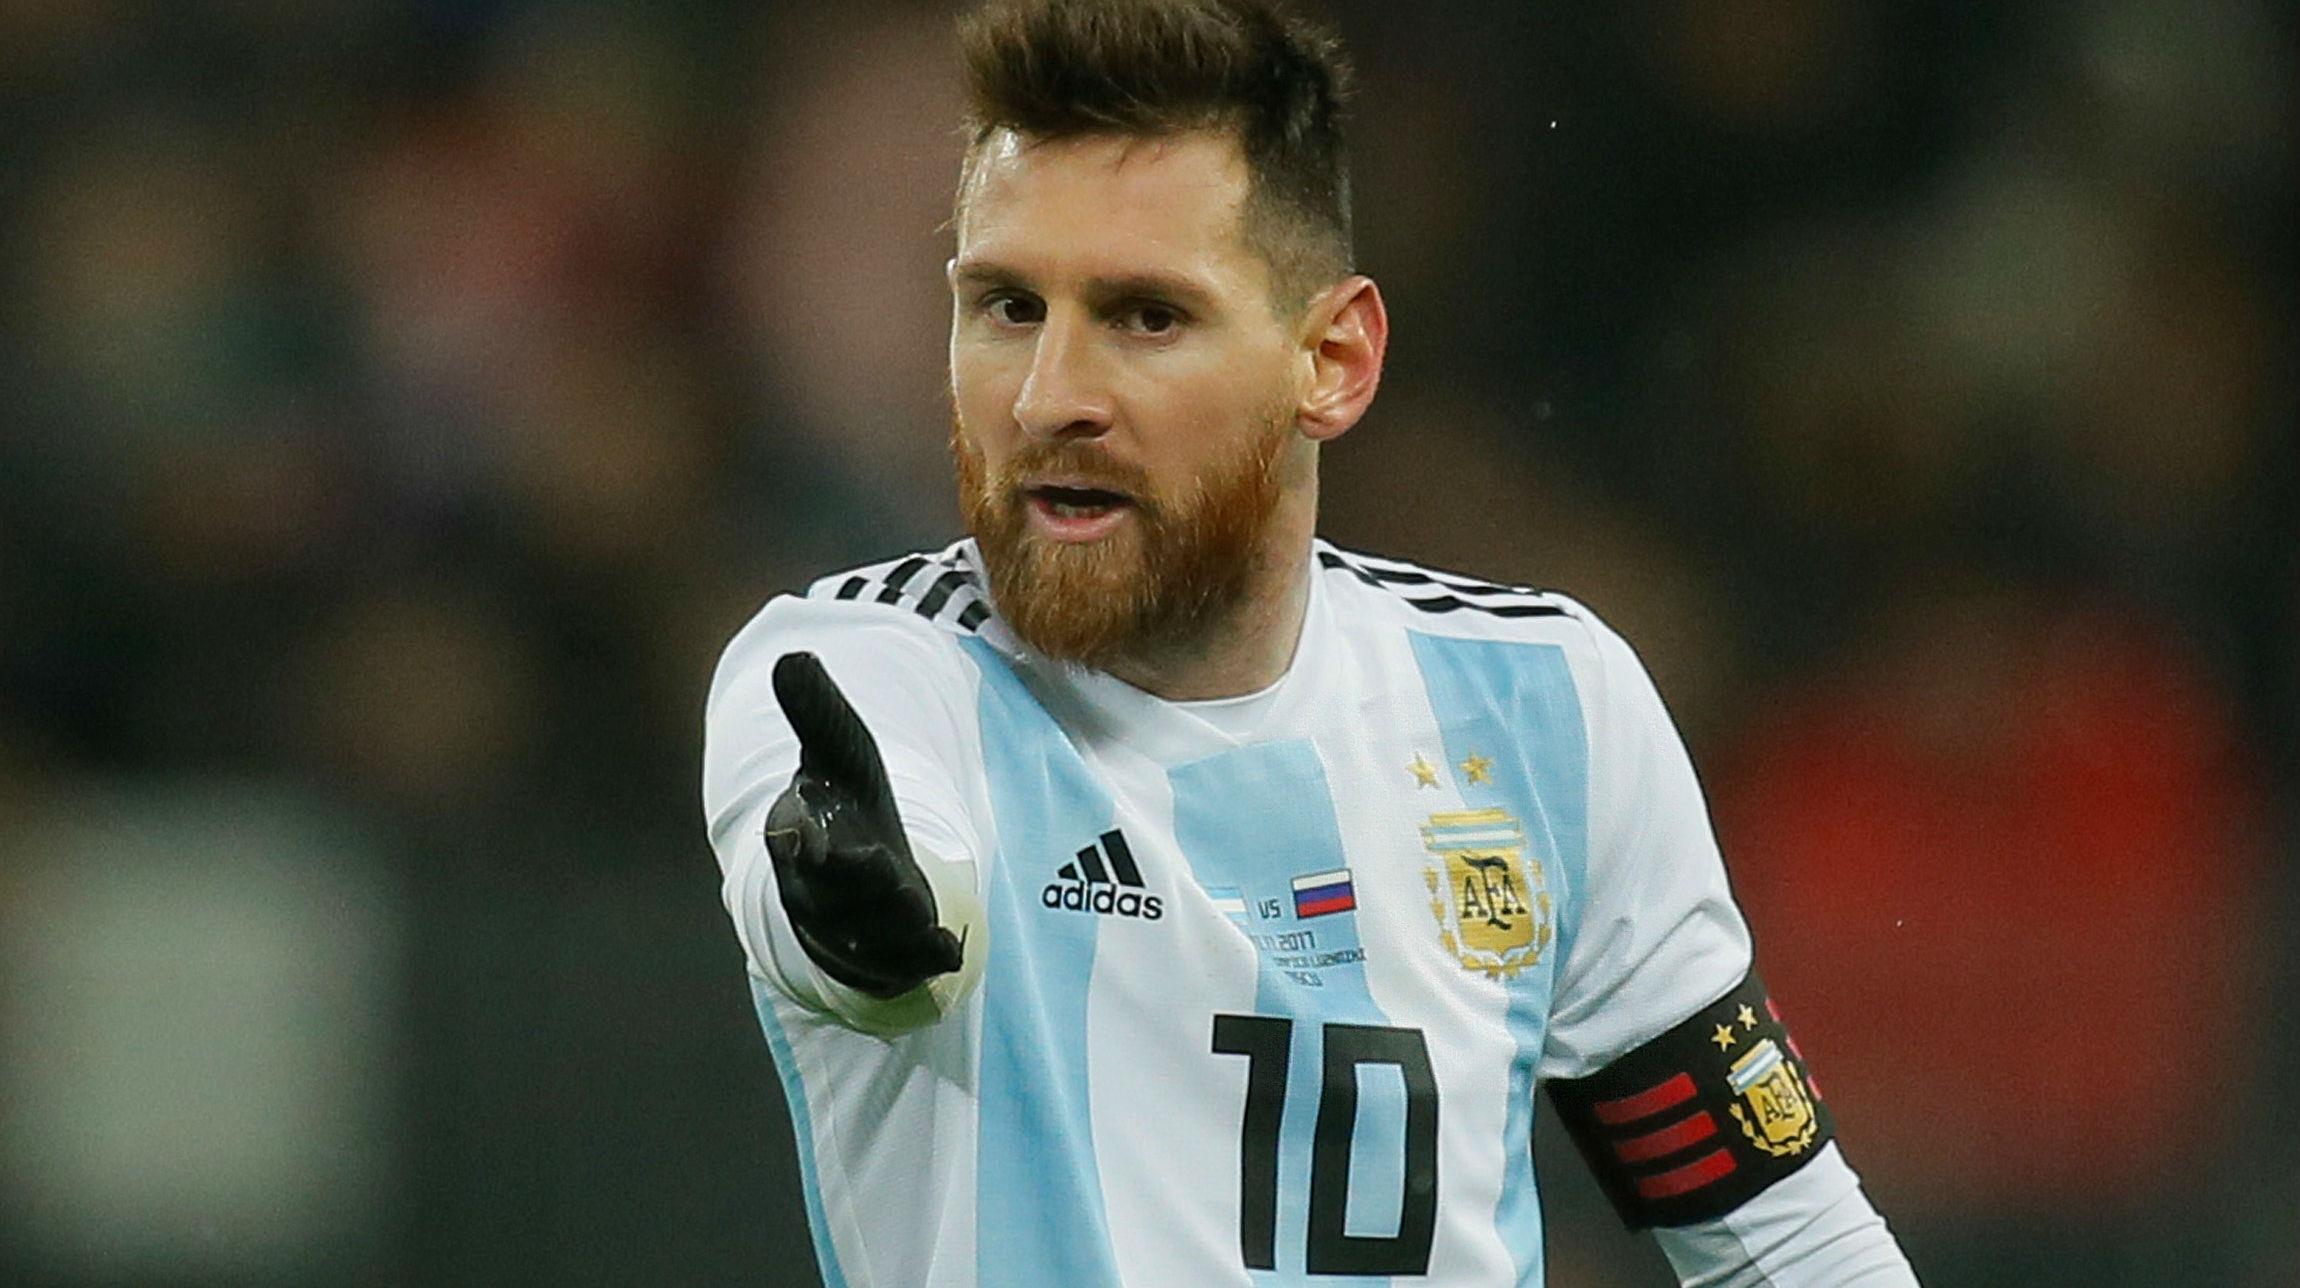 世界杯前放烟雾弹?梅西竟称阿根廷能进半决赛就算成功